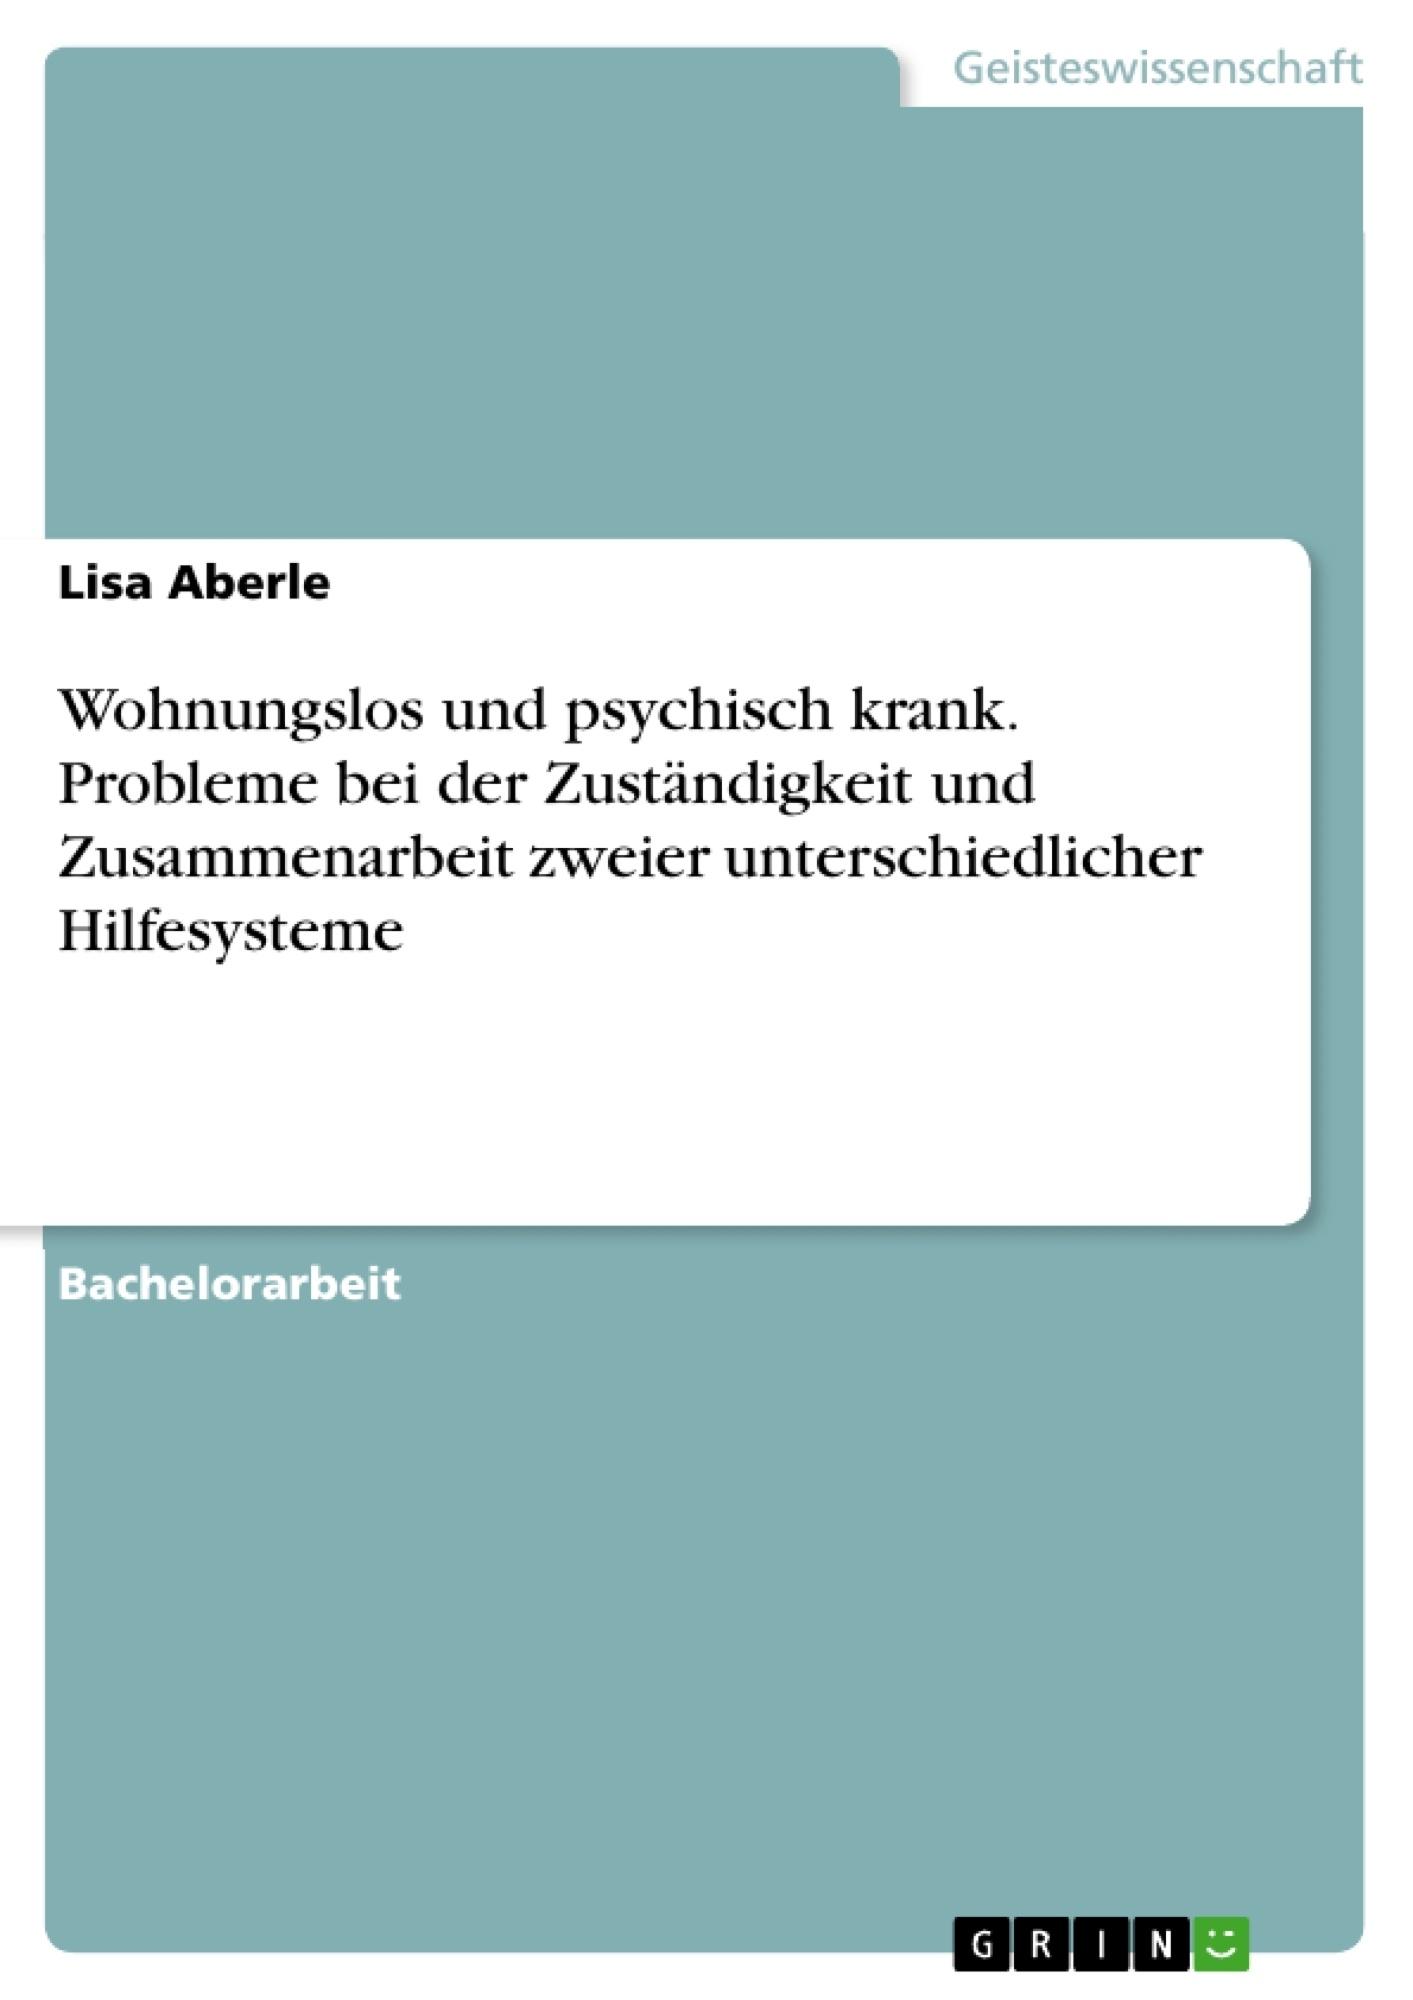 Titel: Wohnungslos und psychisch krank. Probleme bei der Zuständigkeit und Zusammenarbeit zweier unterschiedlicher Hilfesysteme